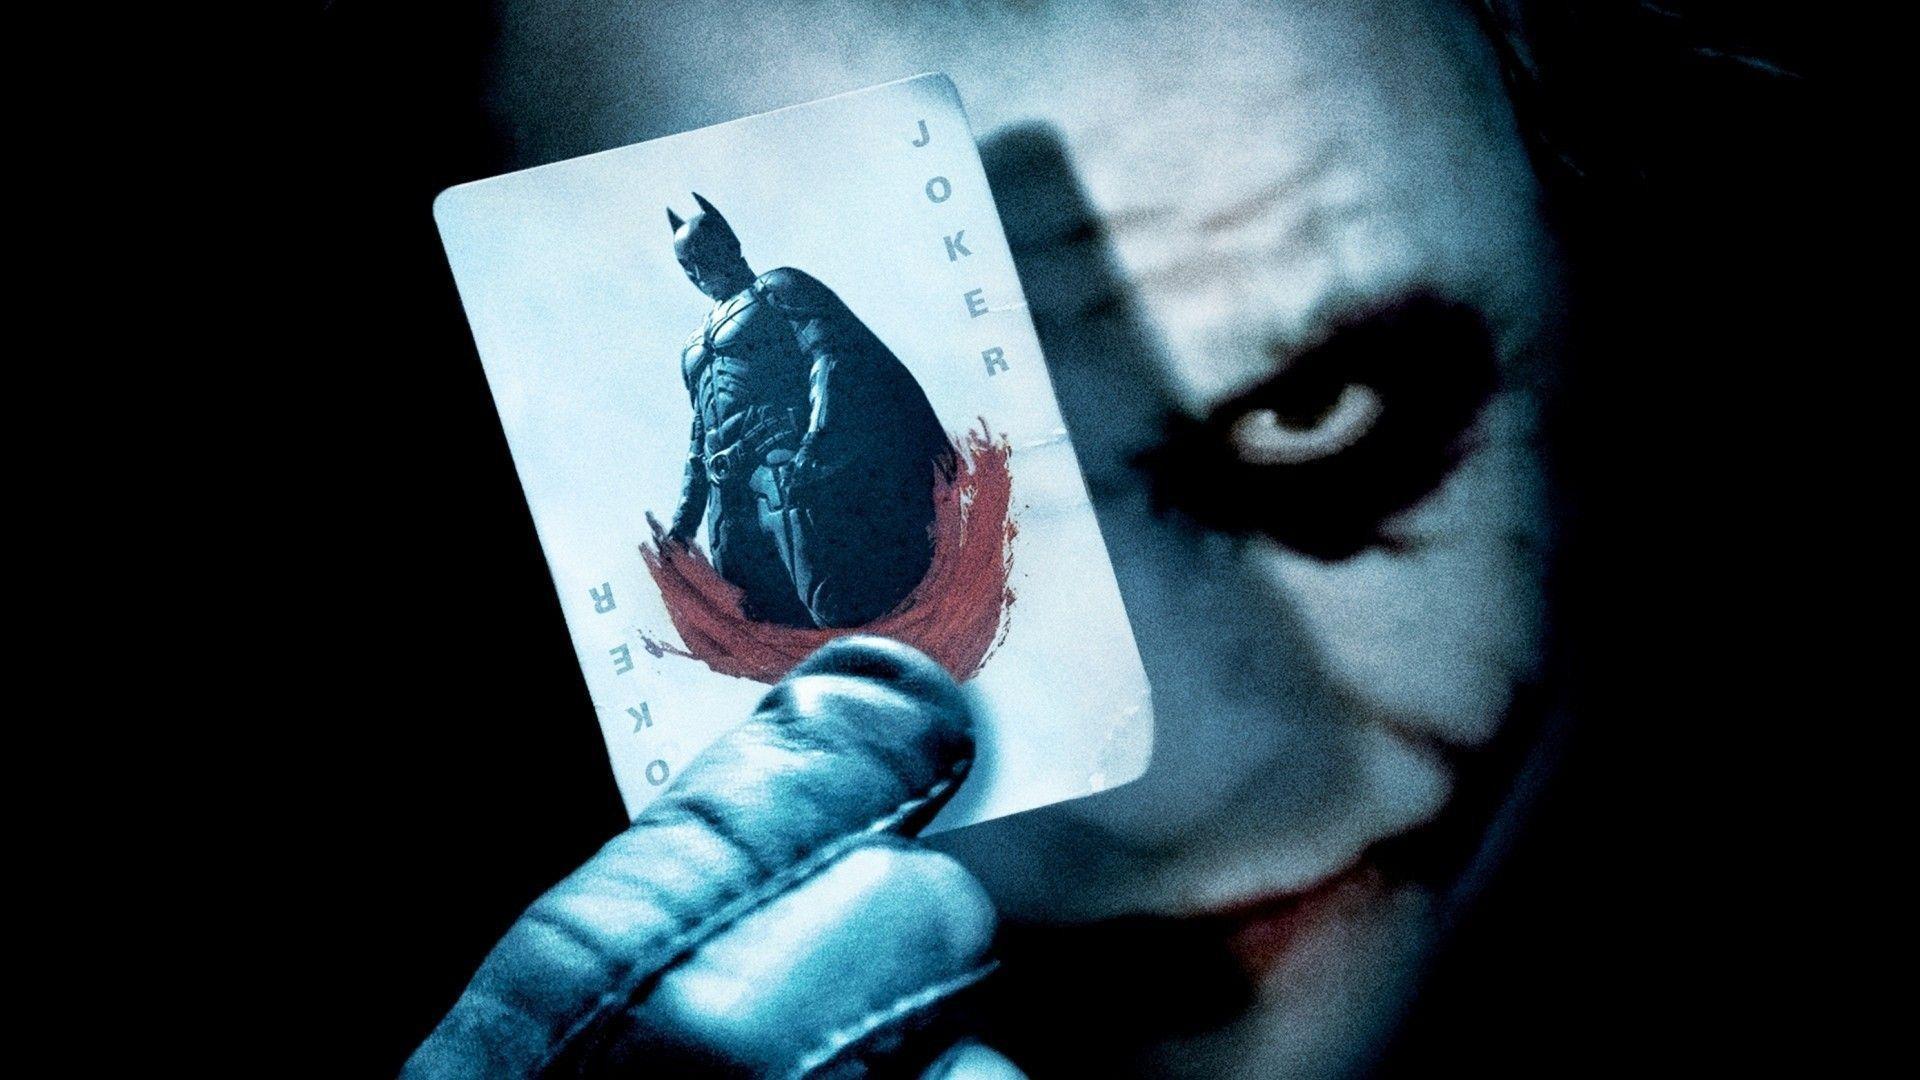 <b>Joker HD Wallpapers</b> 1080p – WallpaperSafari